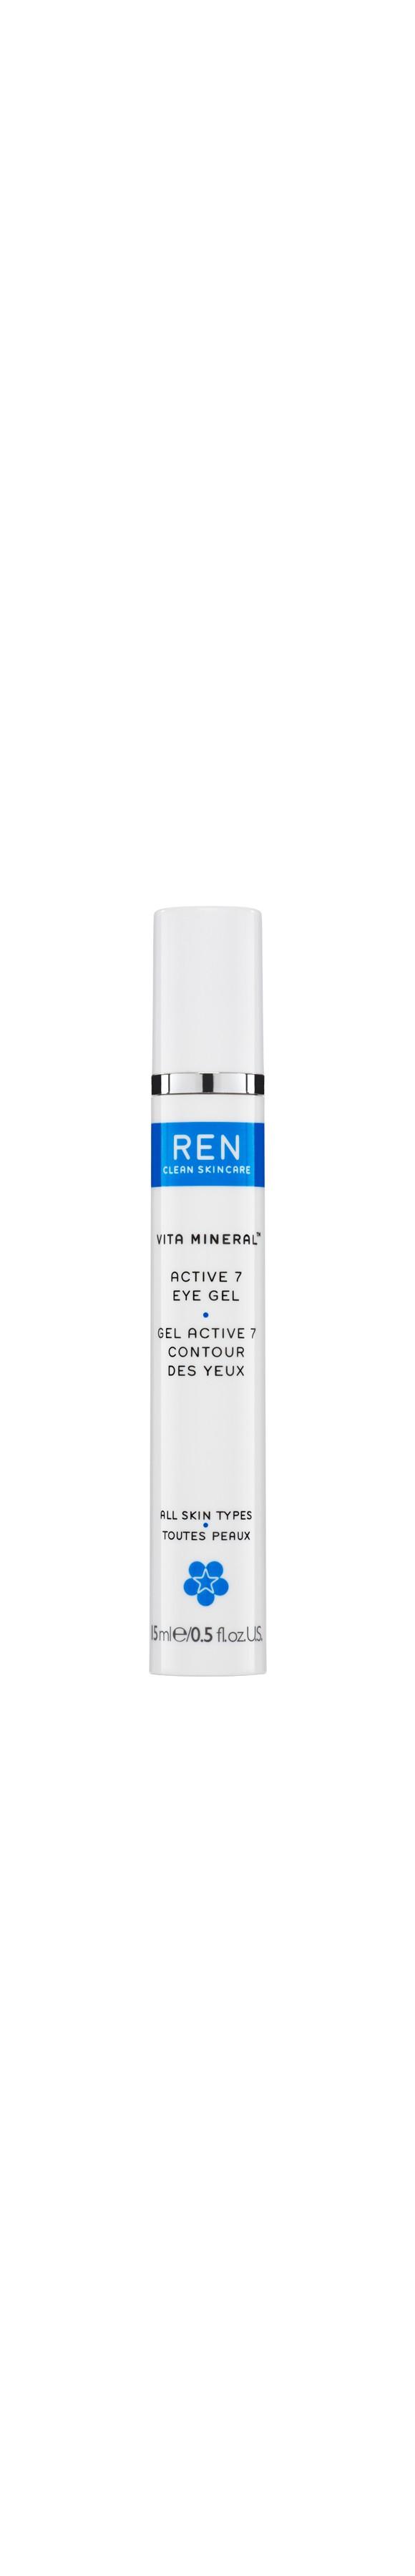 REN - Vita Mineral Active 7 Eye Gel 15 ml